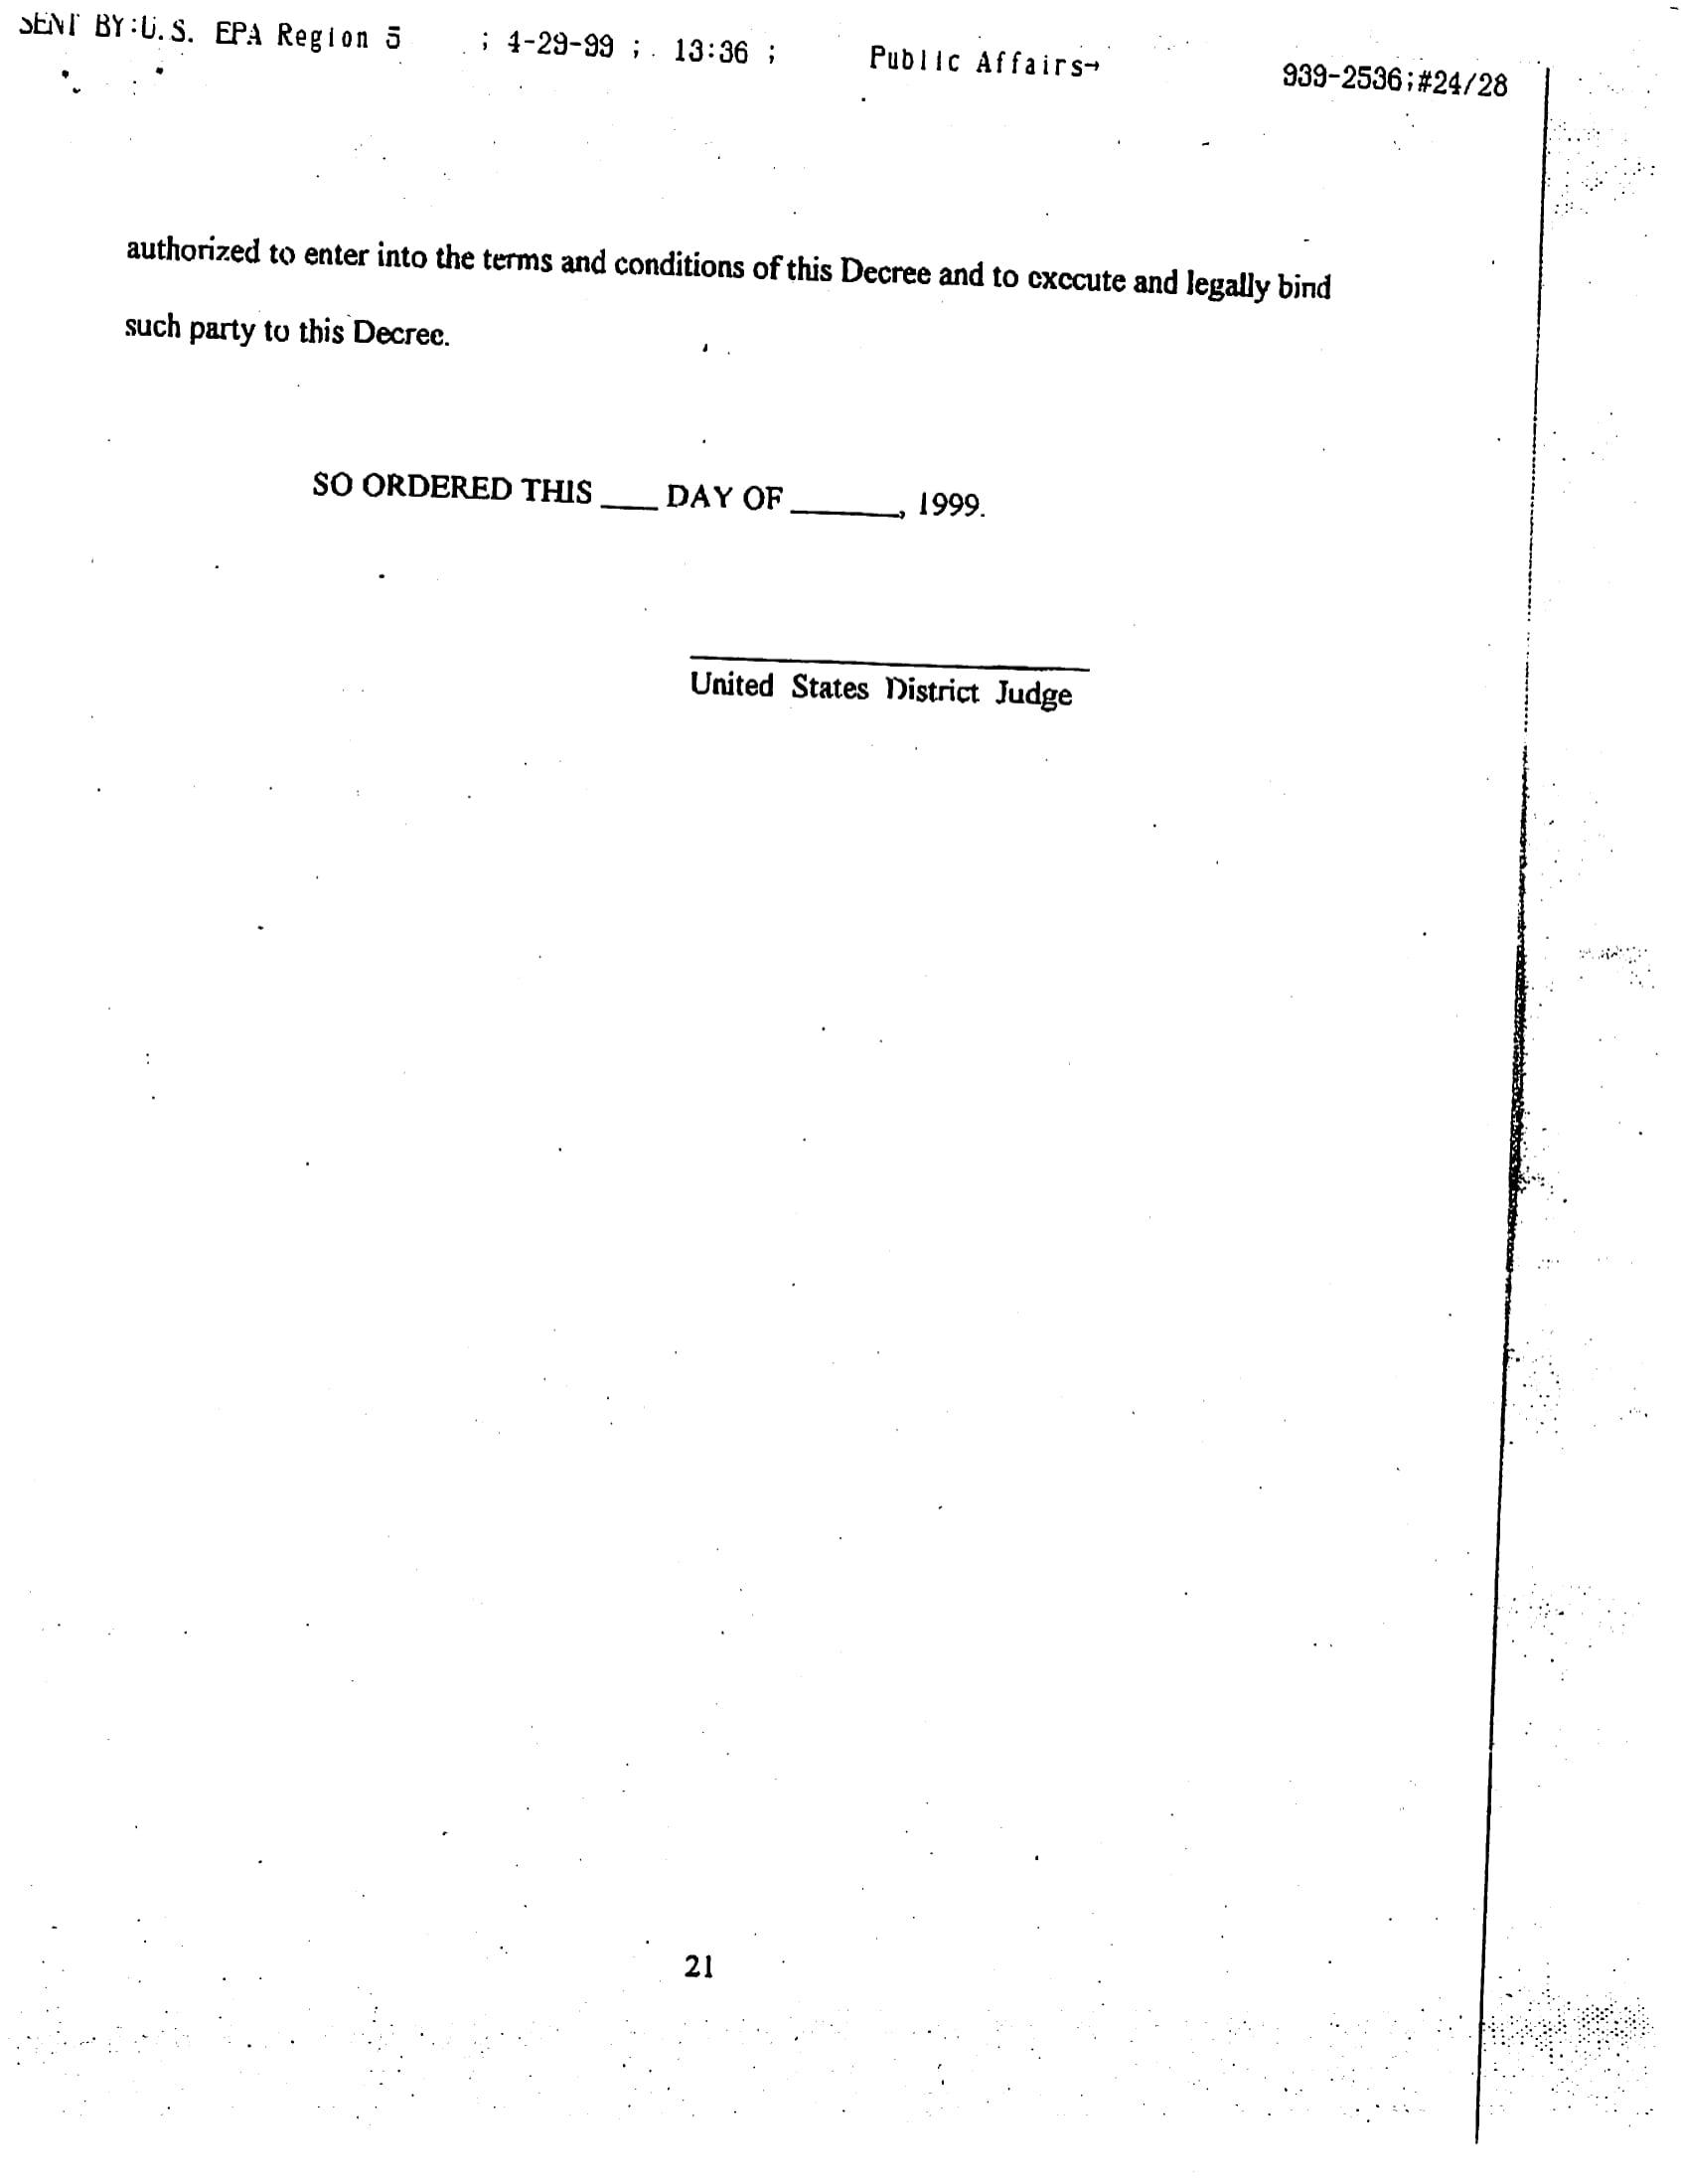 EPA Chicago Settlement-23.jpg